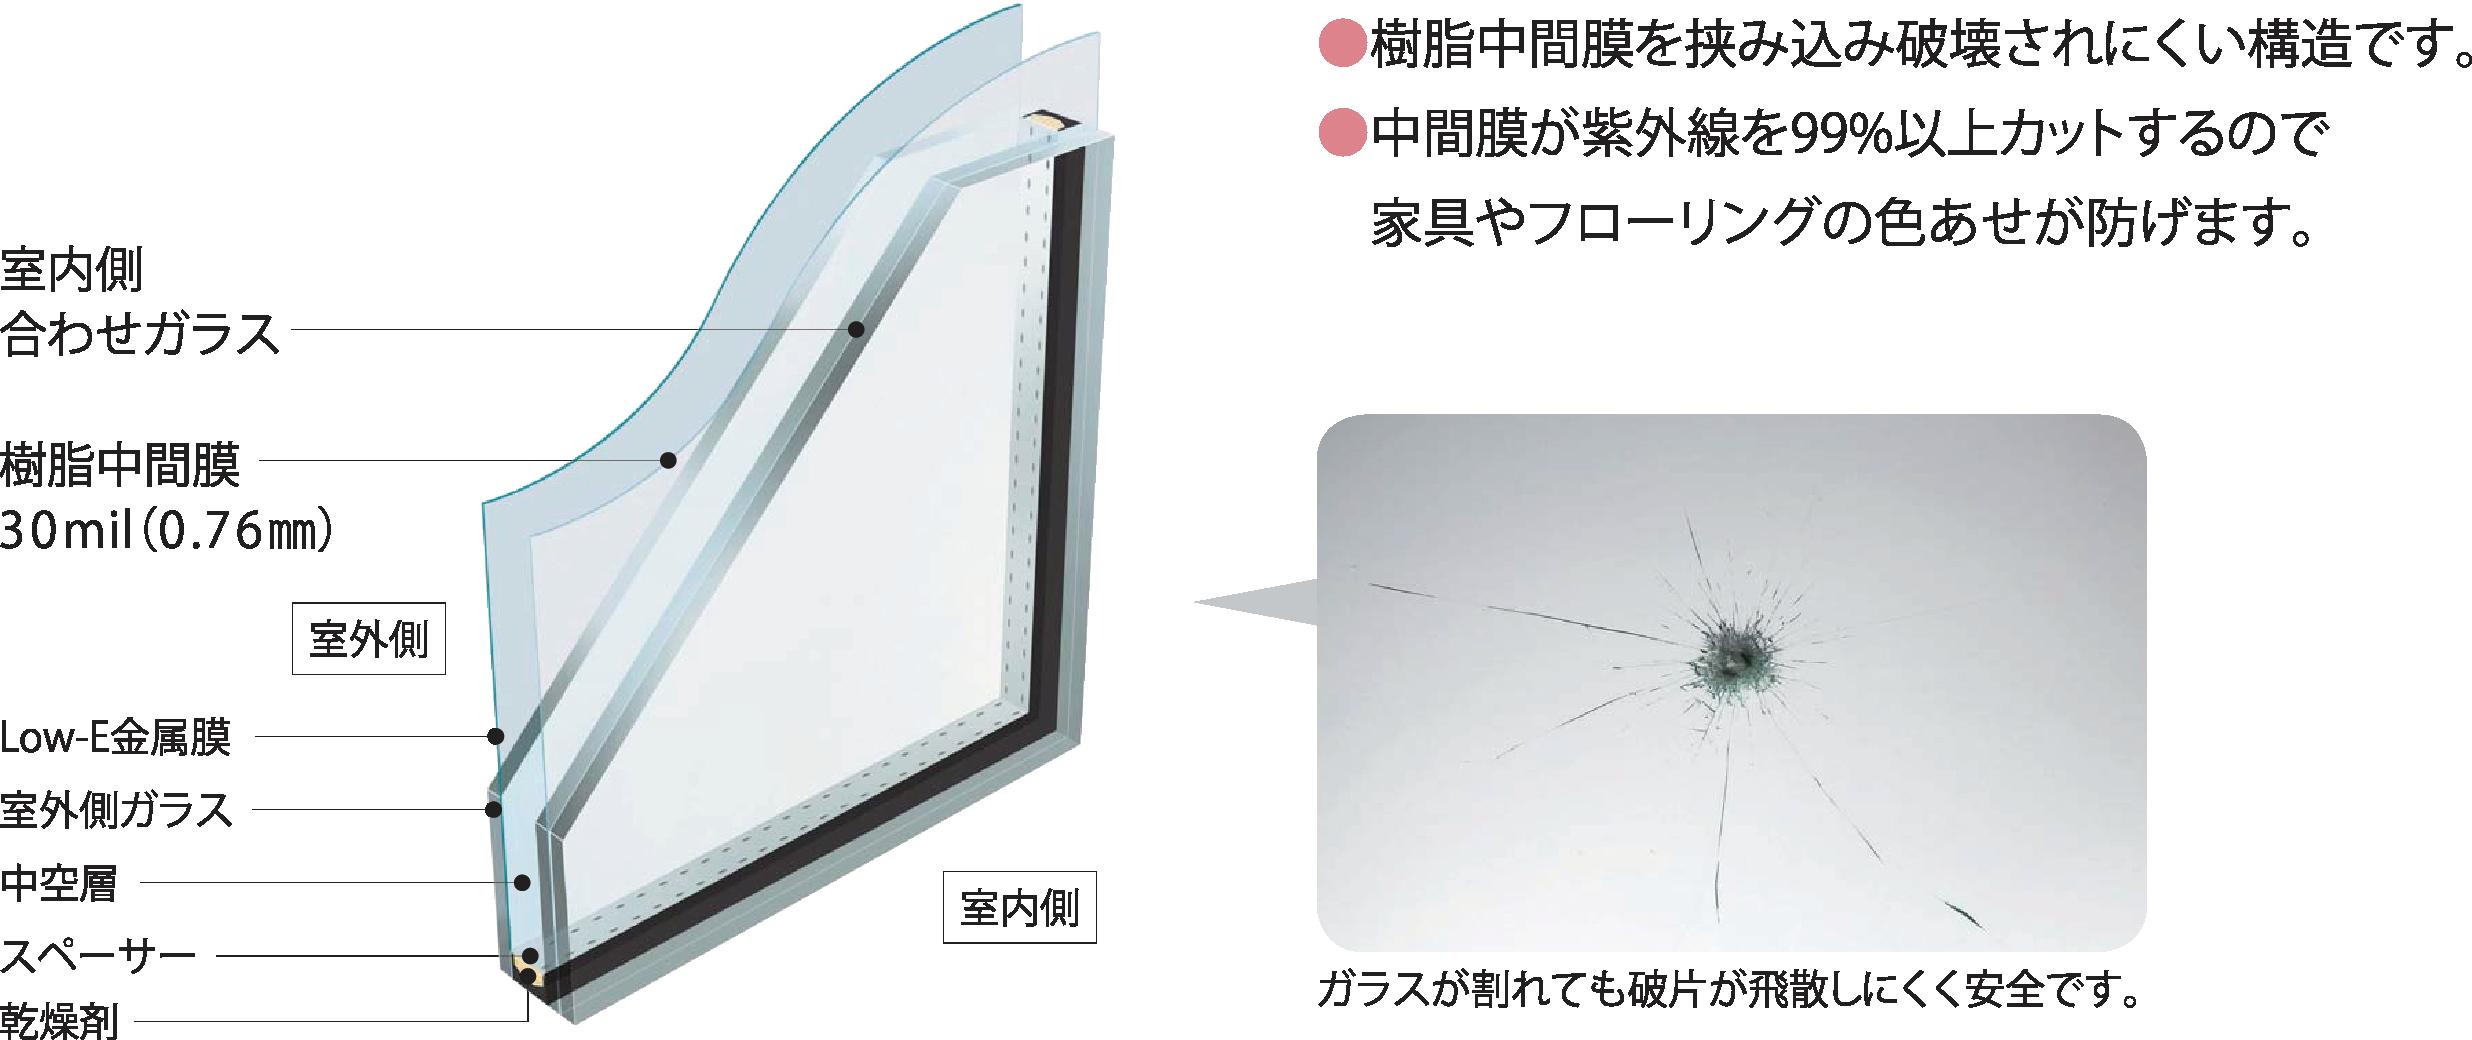 防犯合わせLow-E複層ガラス